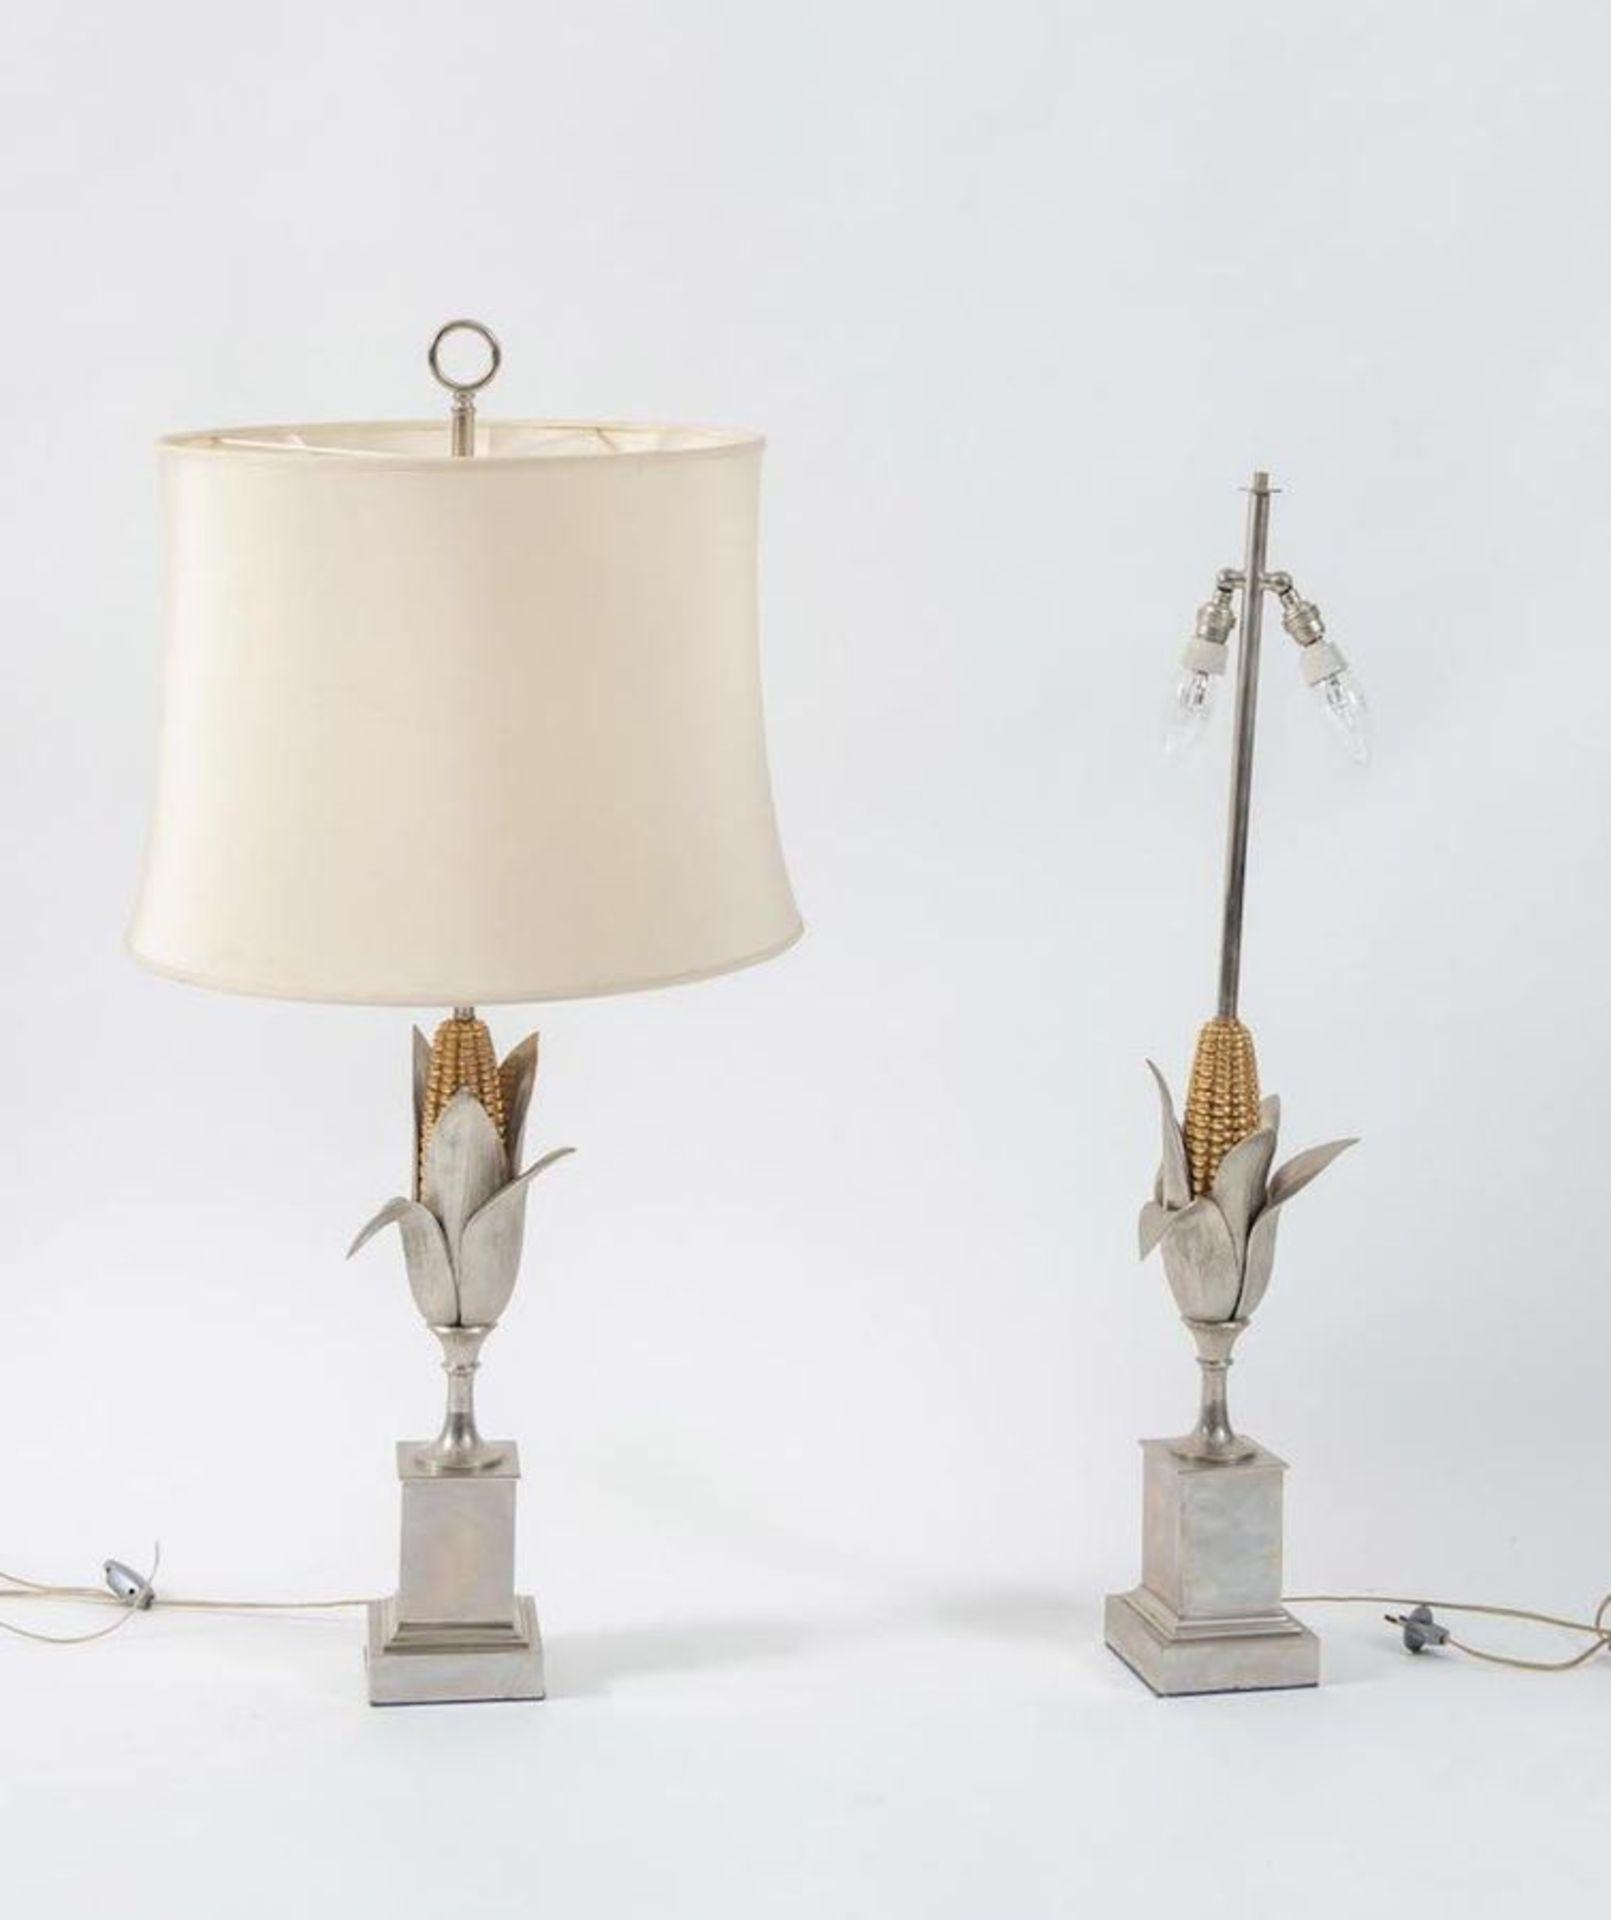 MAISON CHARLES, attr. Coppia di lampade da tavolo in metallo. Prod. Maison Charles Att. ,Francia, 19 - Bild 2 aus 3